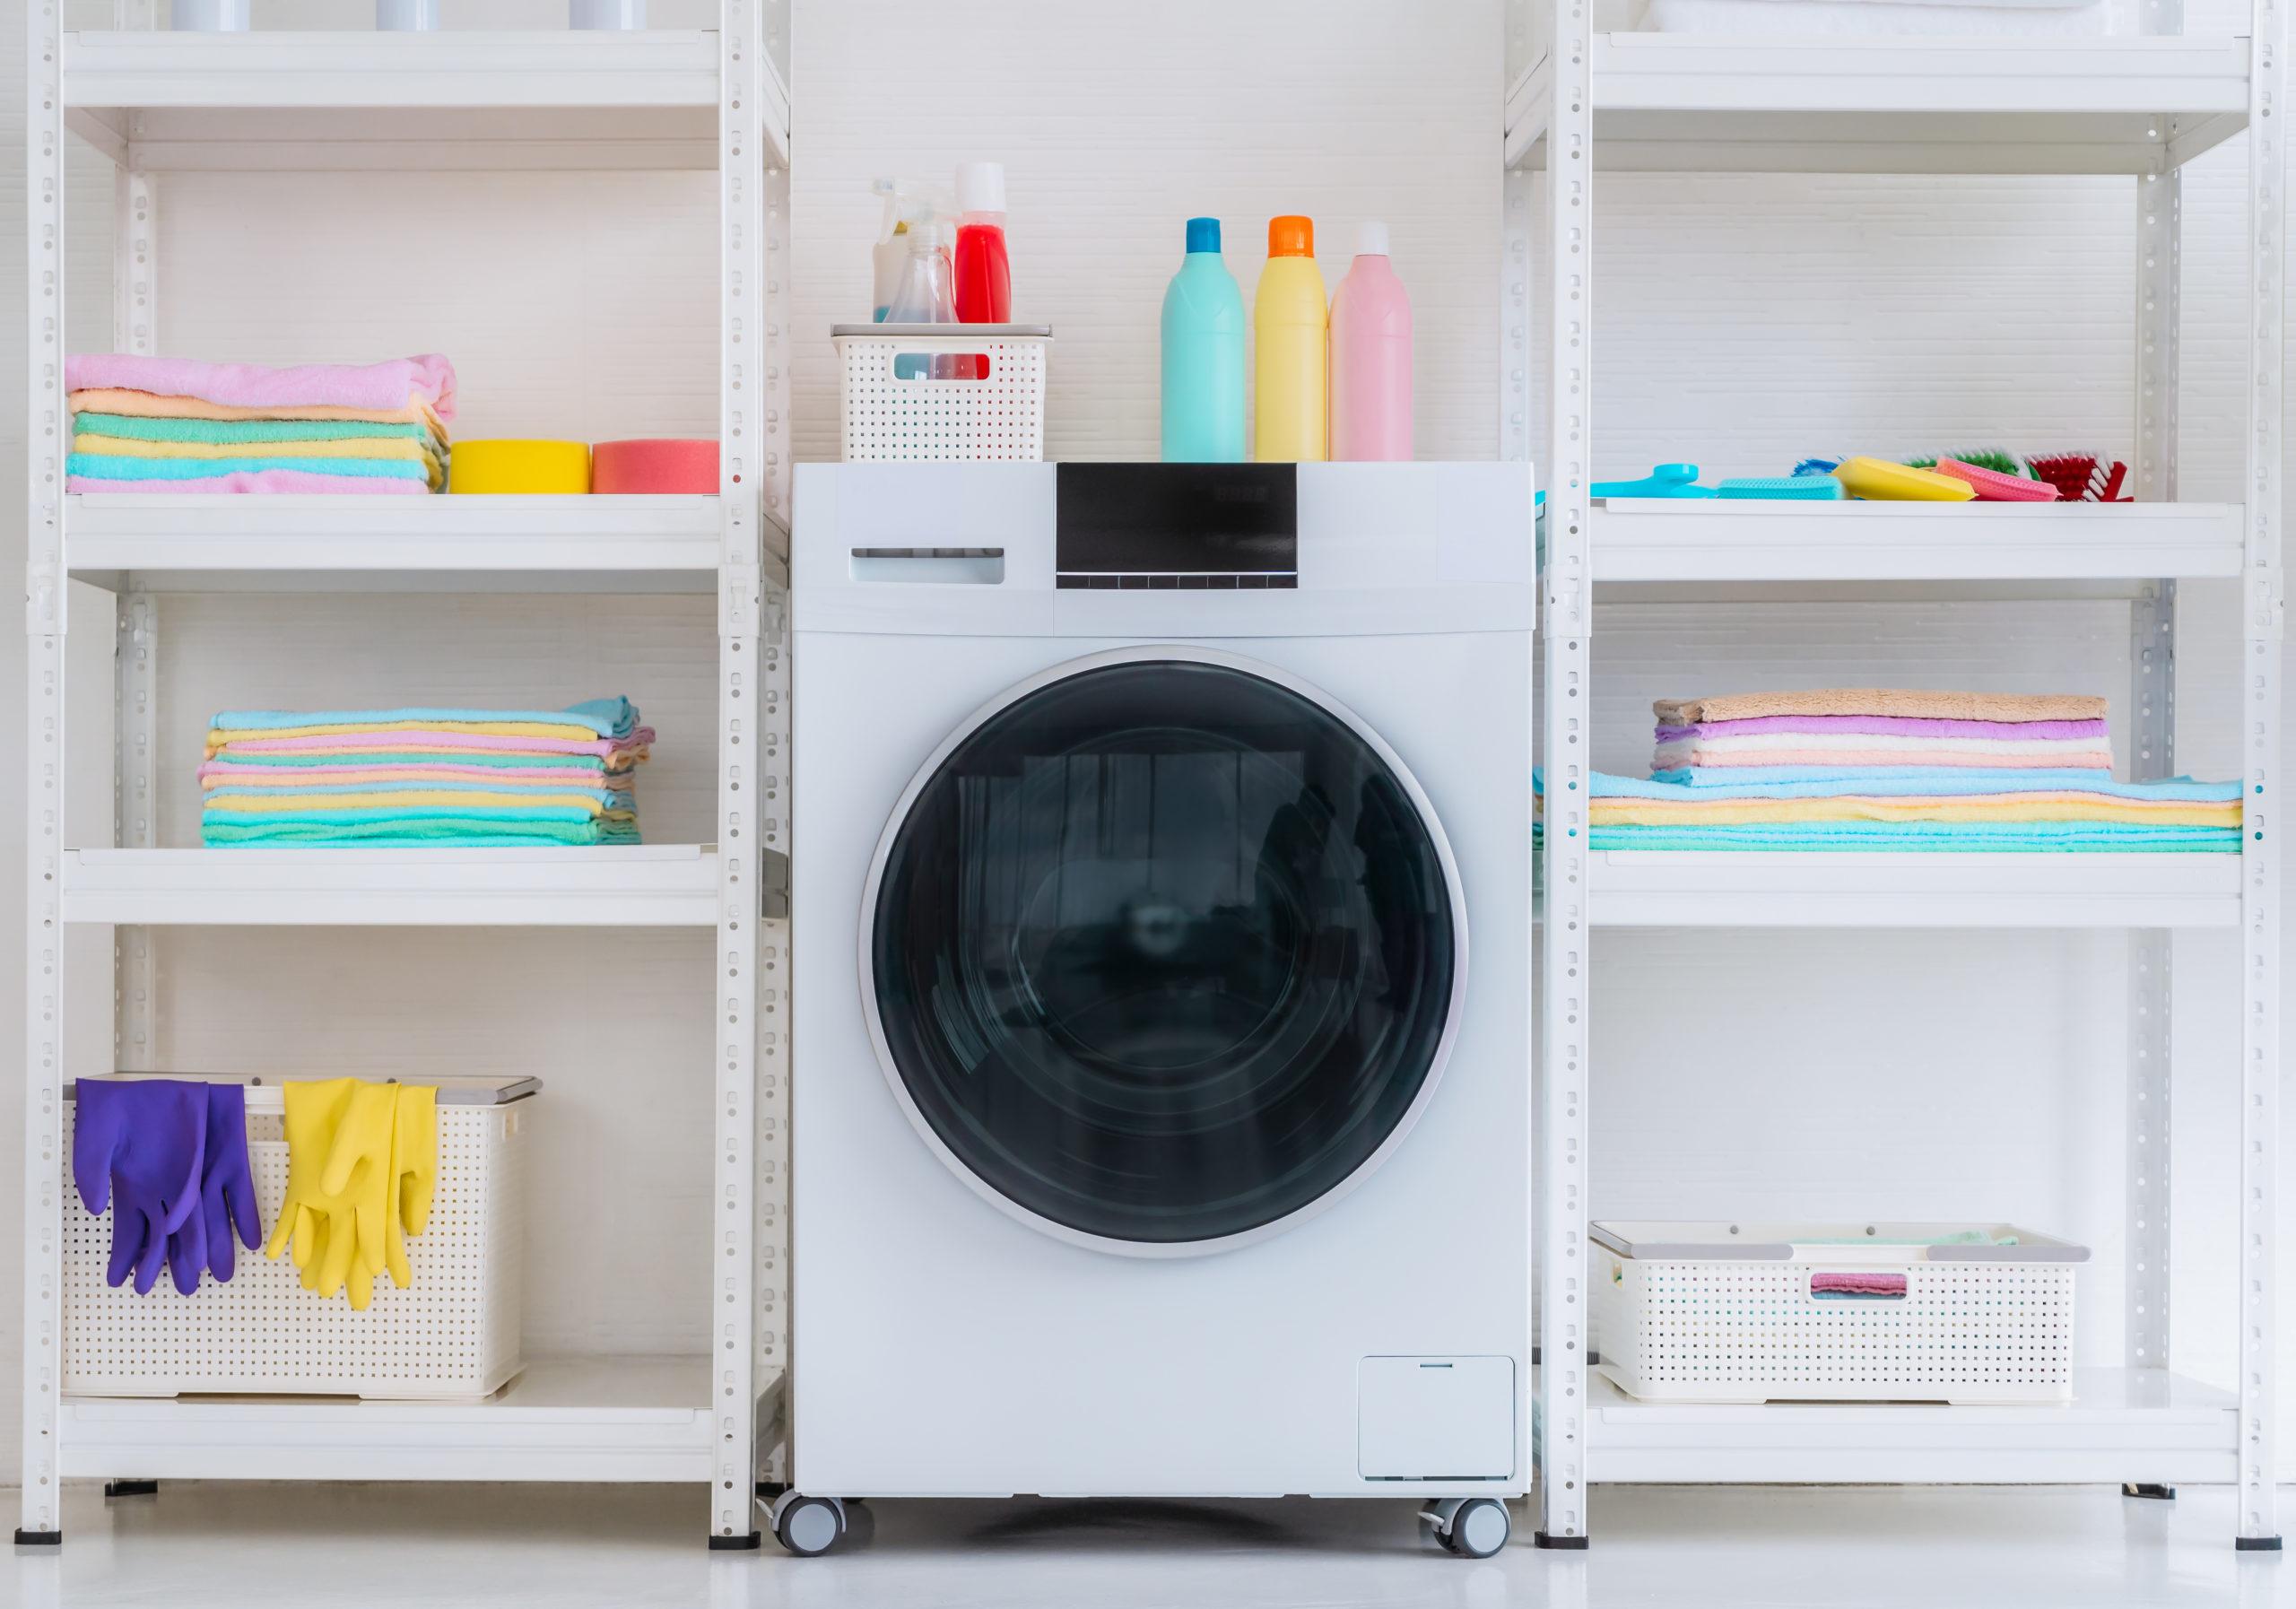 Prateleiras metálicas te ajudam a organizar os armários da cozinha ou da área de serviço